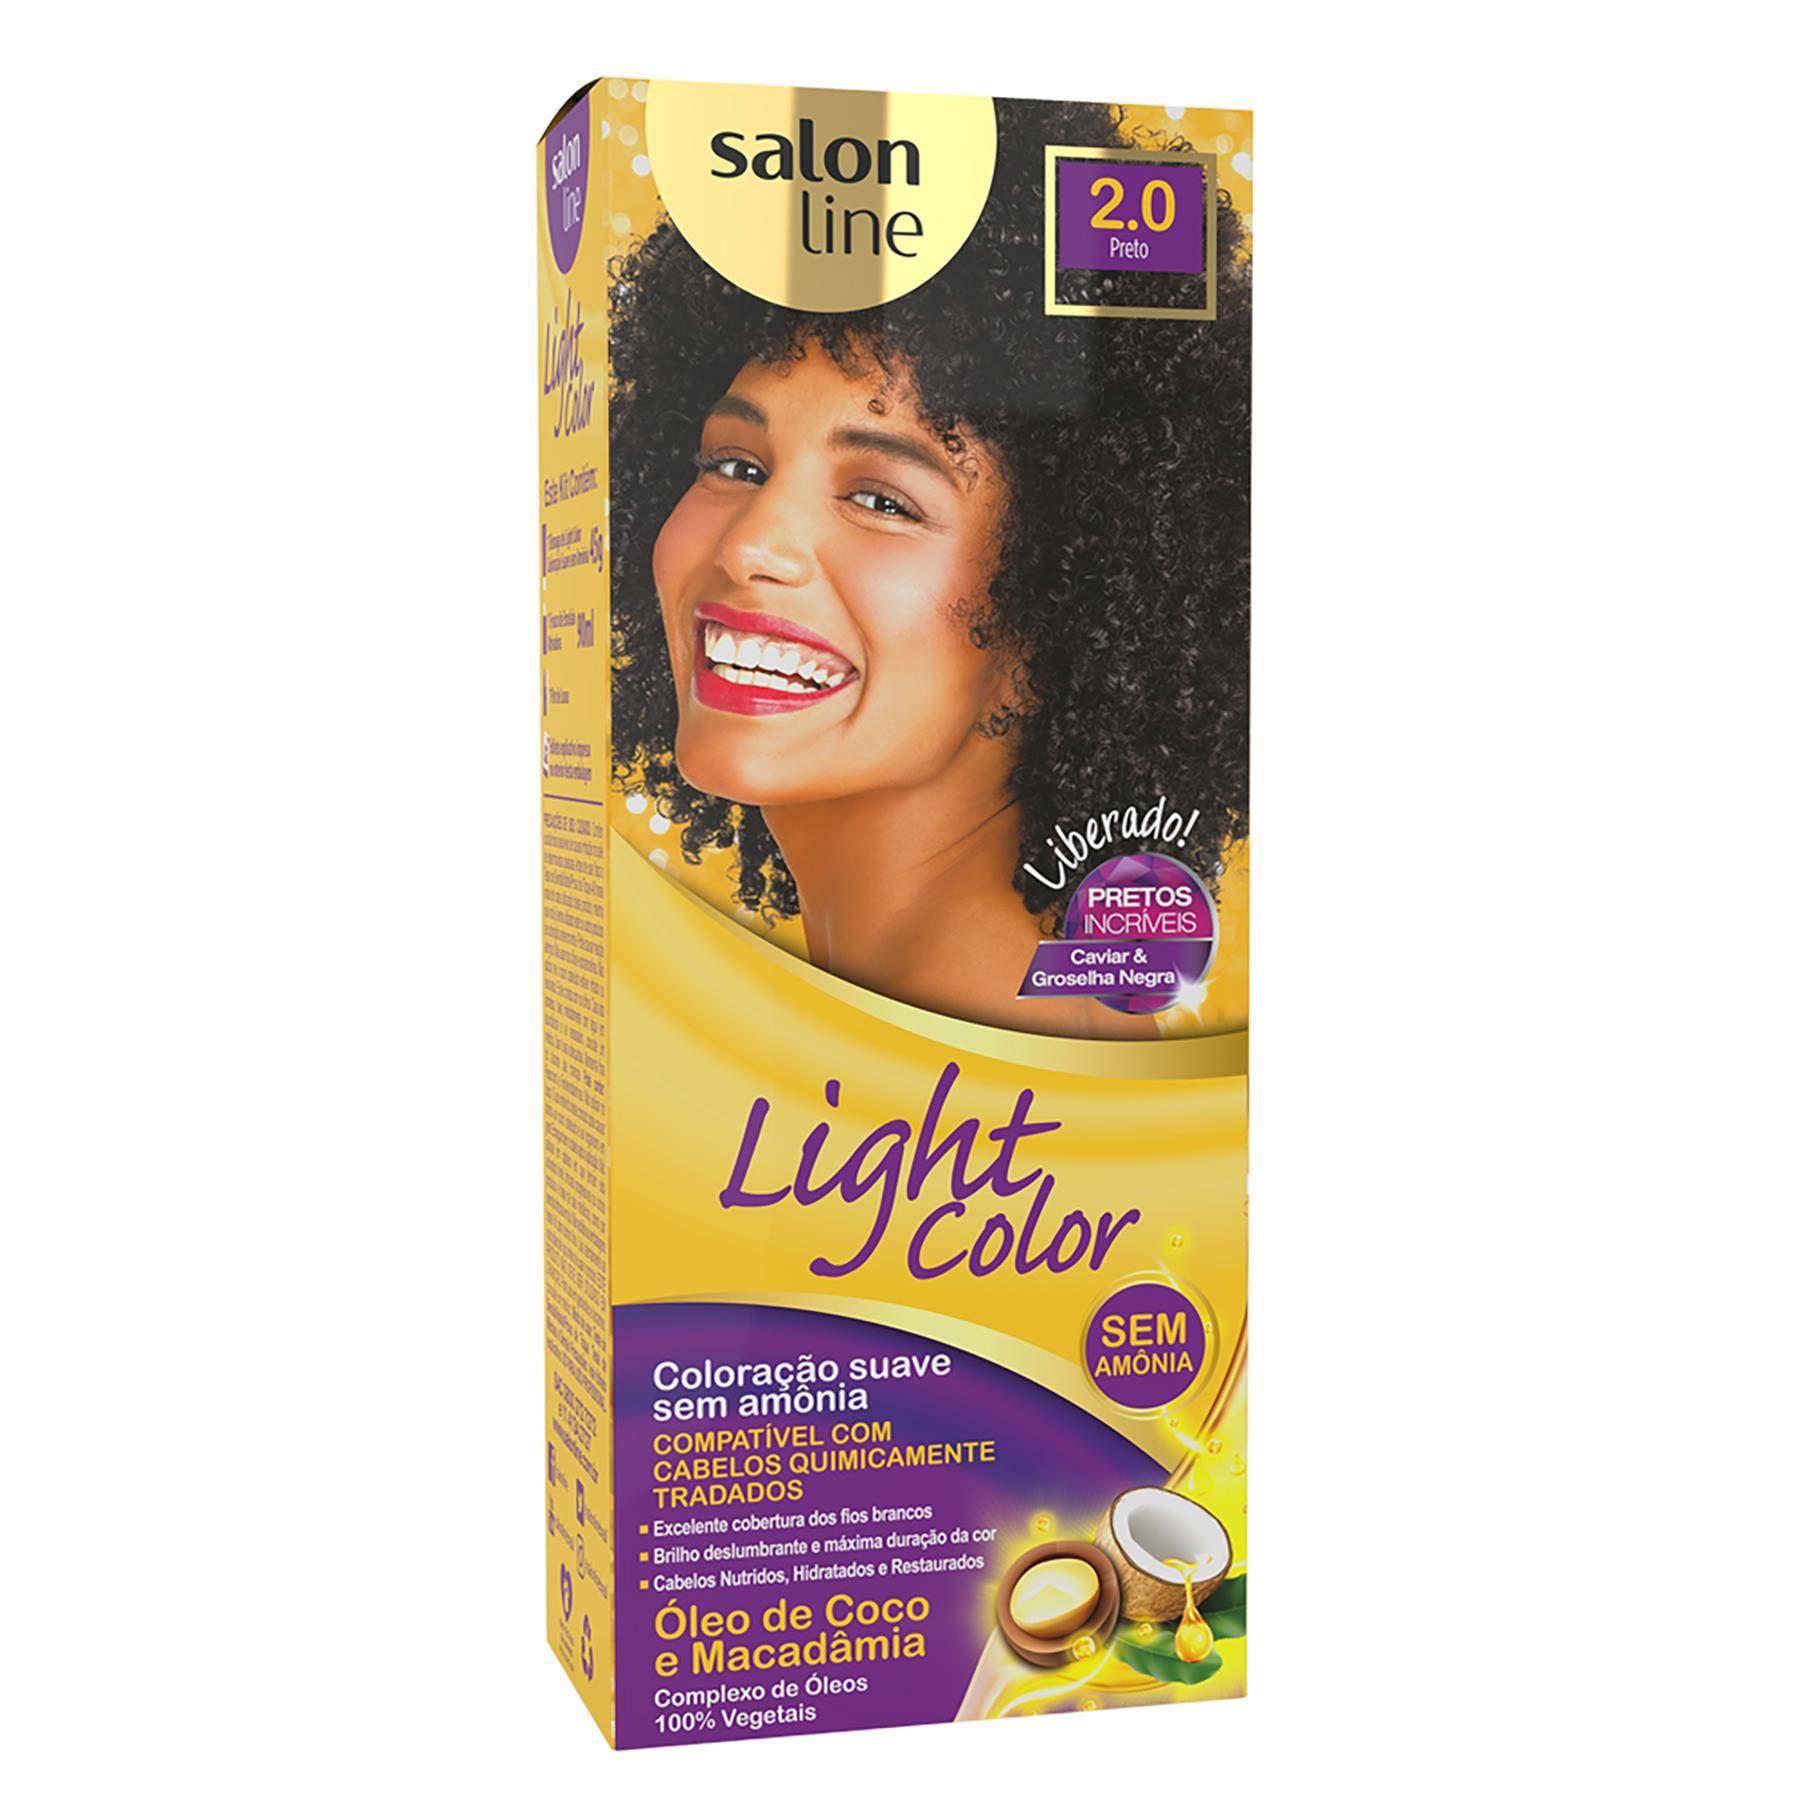 Salon Line Tonalizante Light Color 2.0 Preto